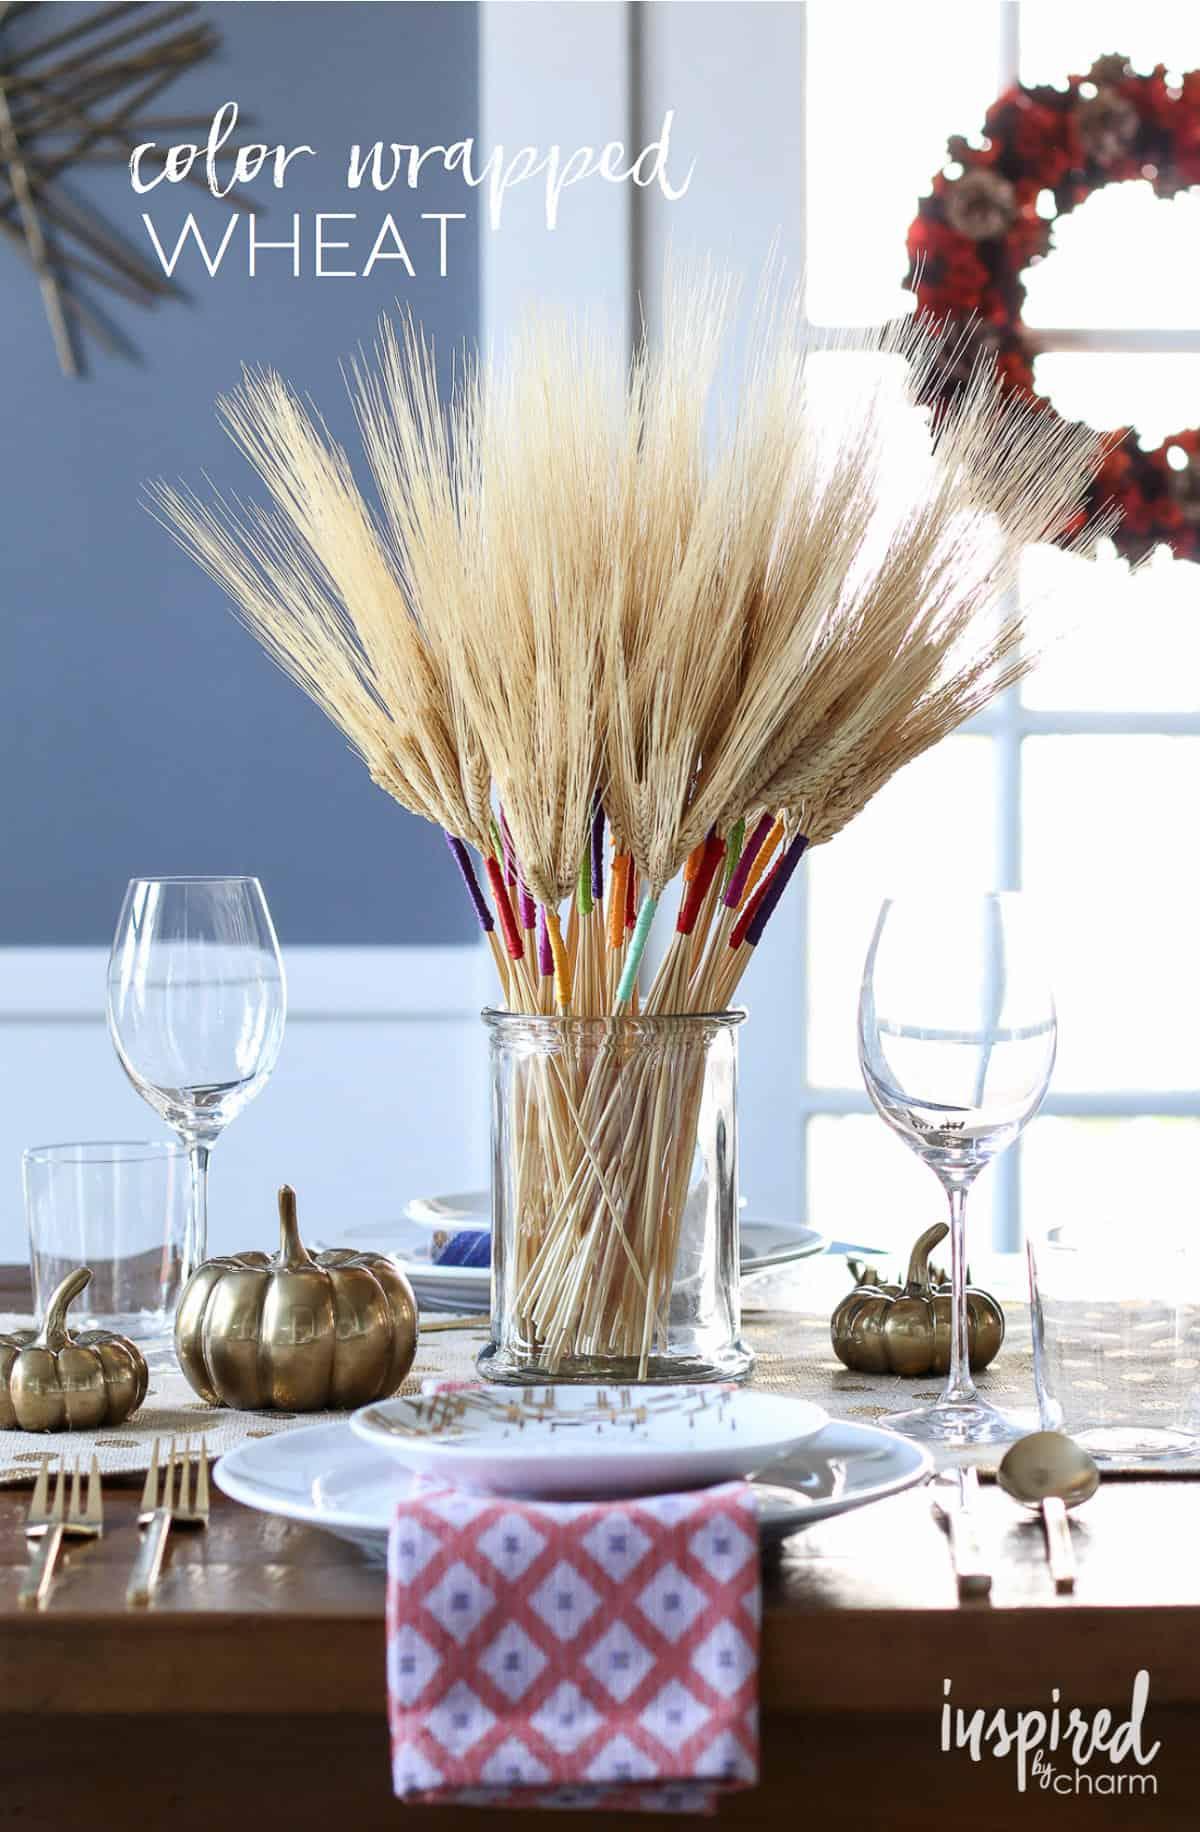 Colour wrapped wheat bouquet